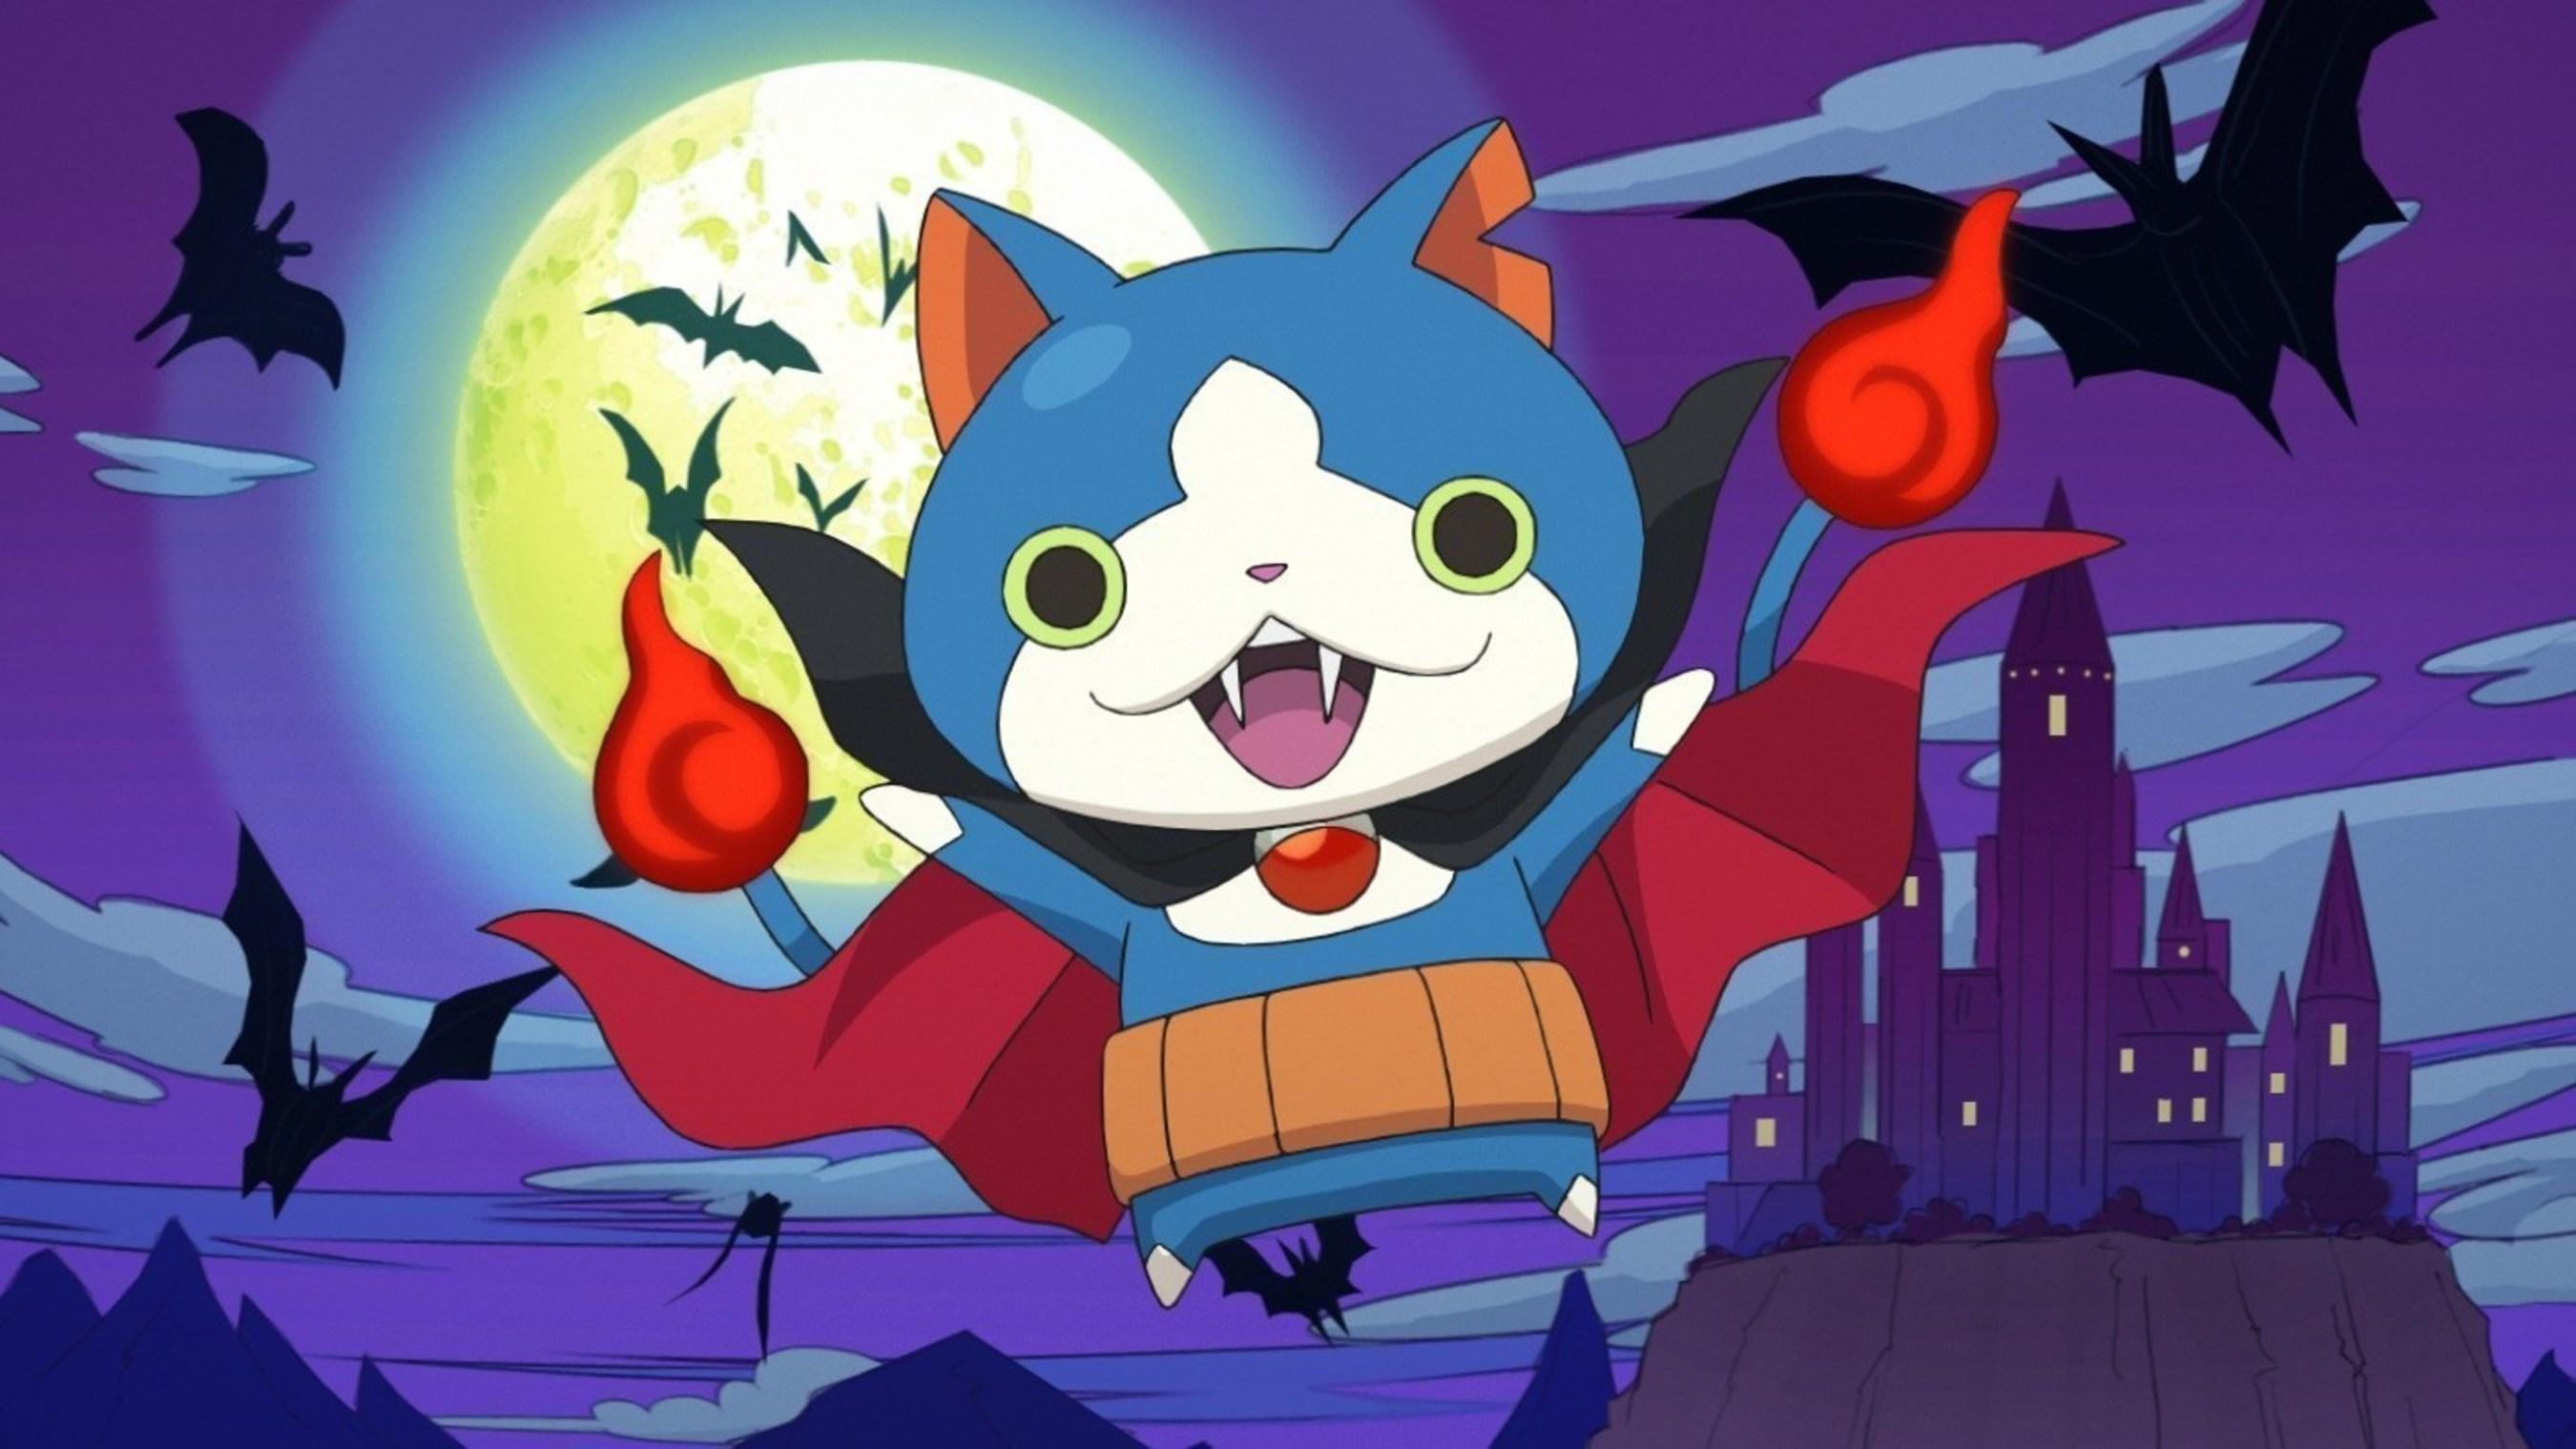 YO-KAI WATCH Season Two Premieres On Disney XD Monday, August 1st At 12:30 ET/PT With 50 Episodes!